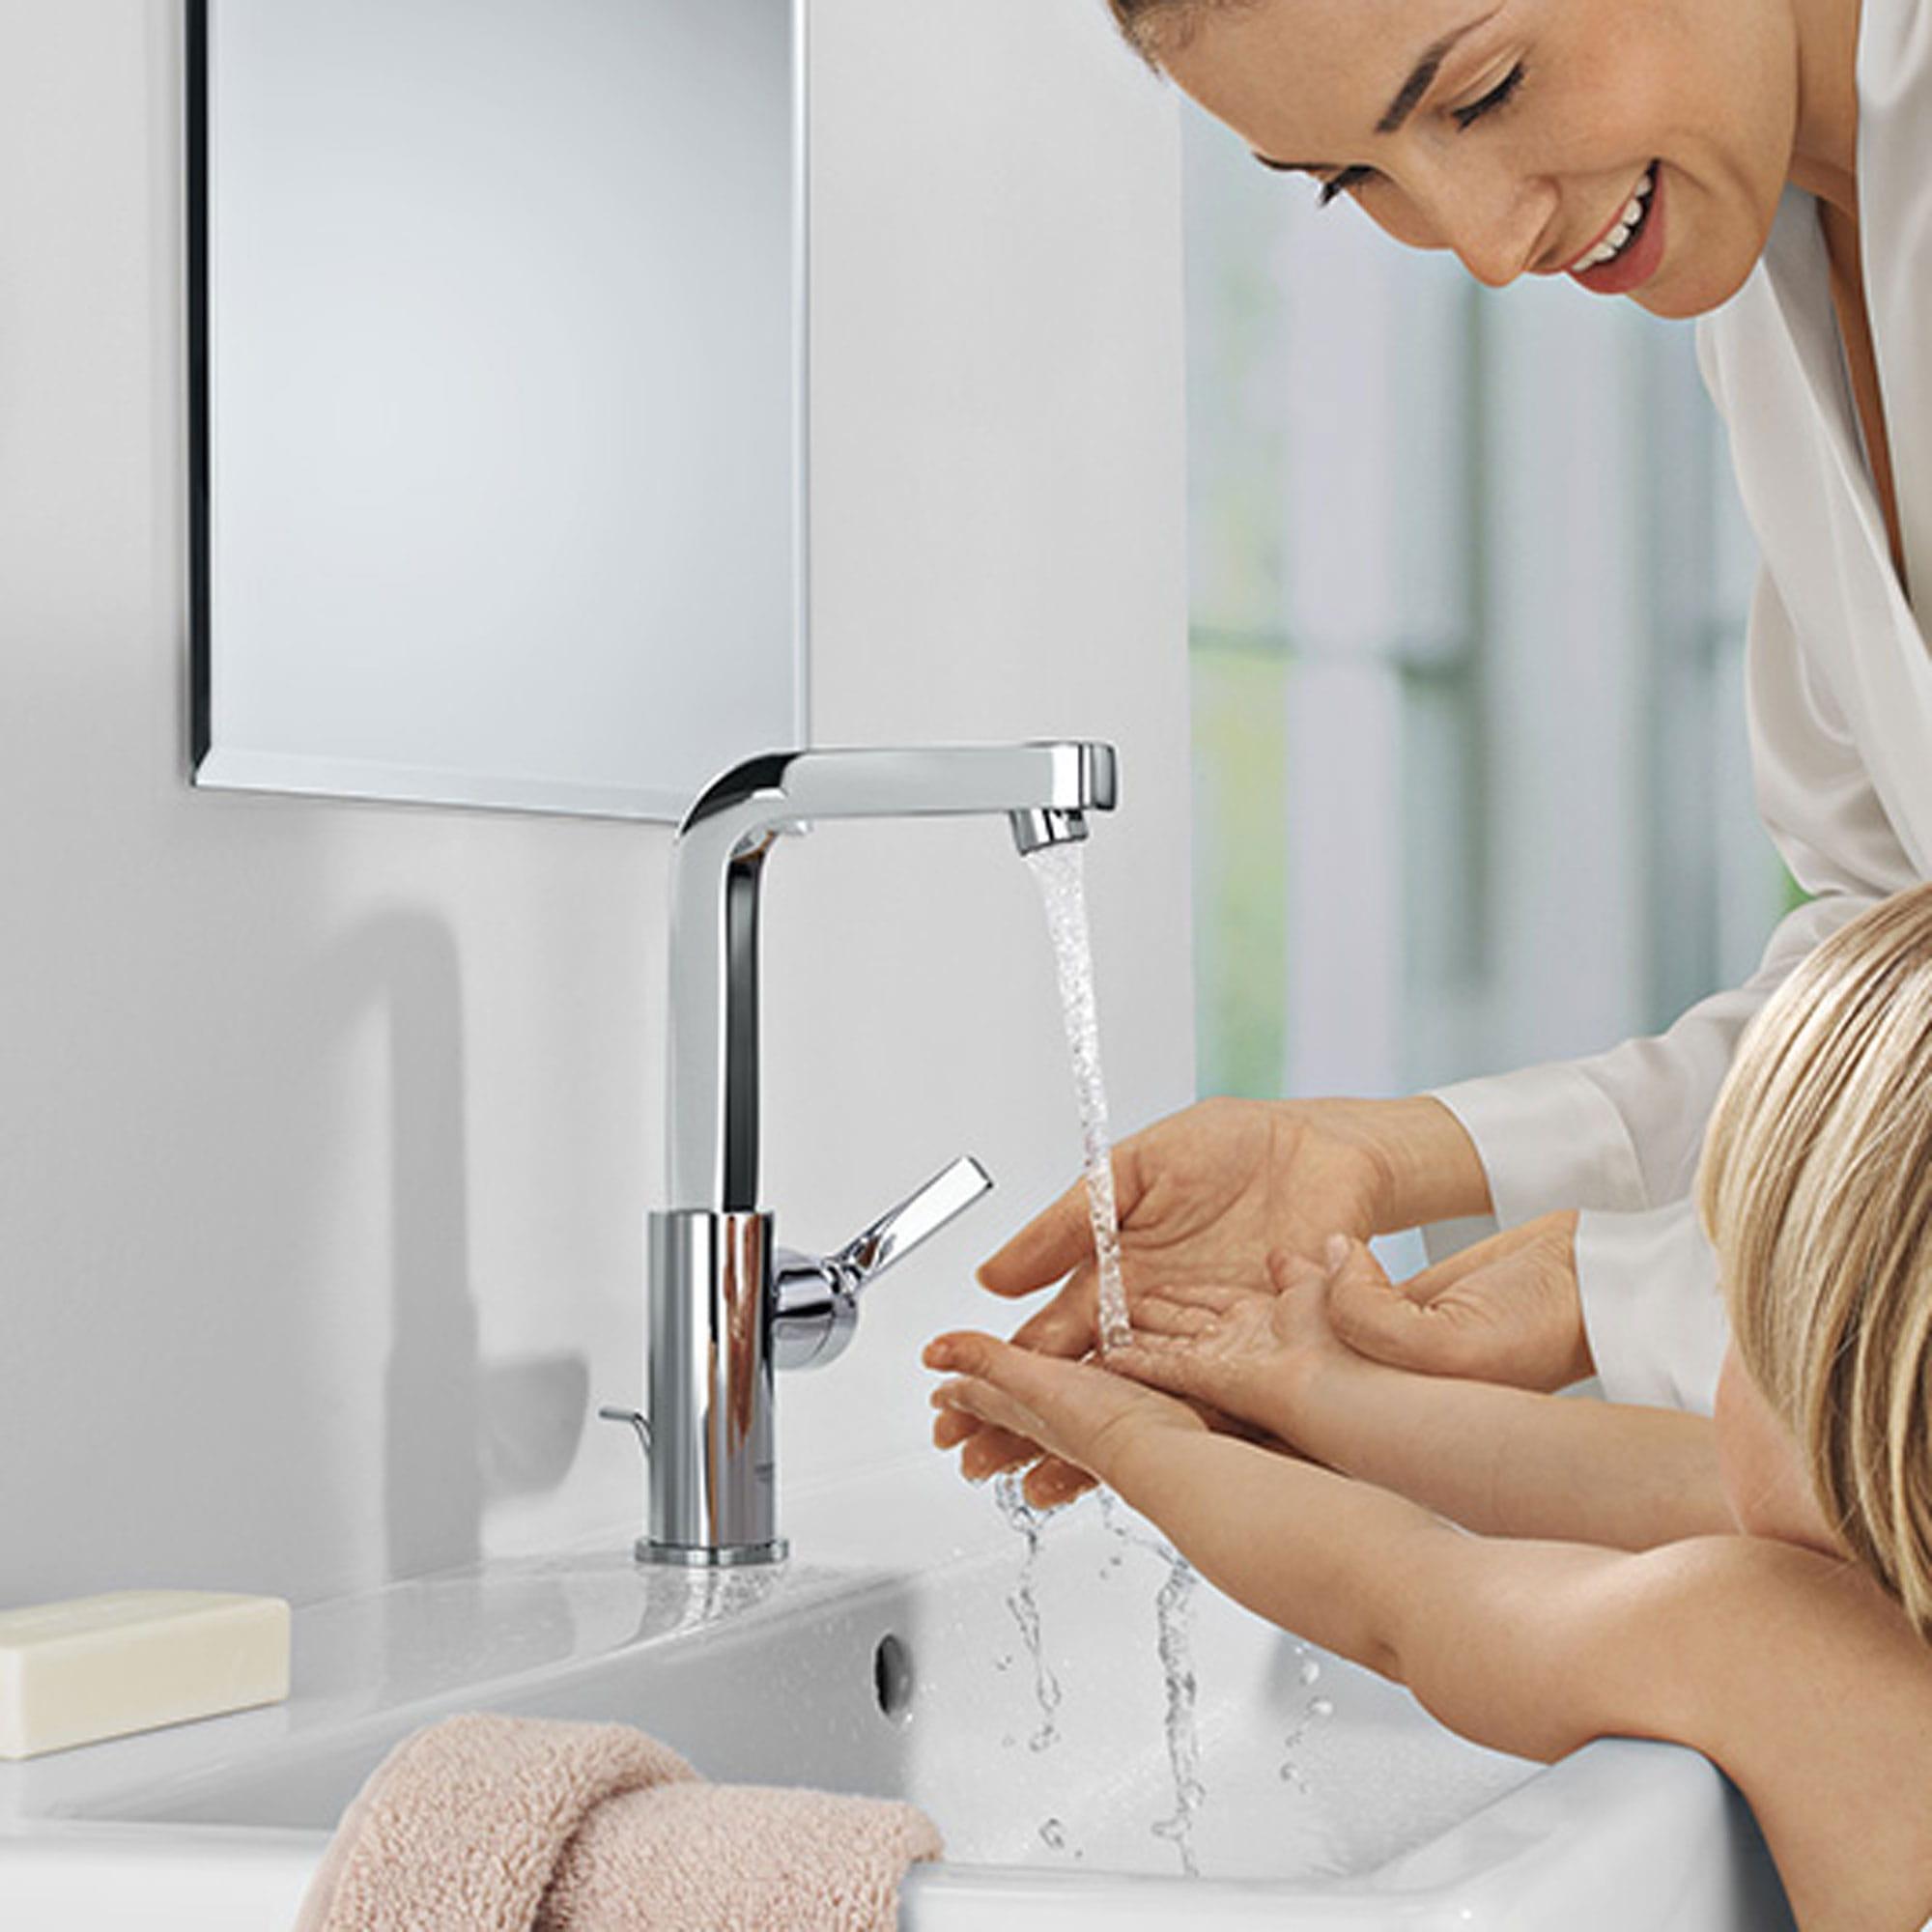 Une femme la lavent et les mains de son enfant sous un robinet grohe.